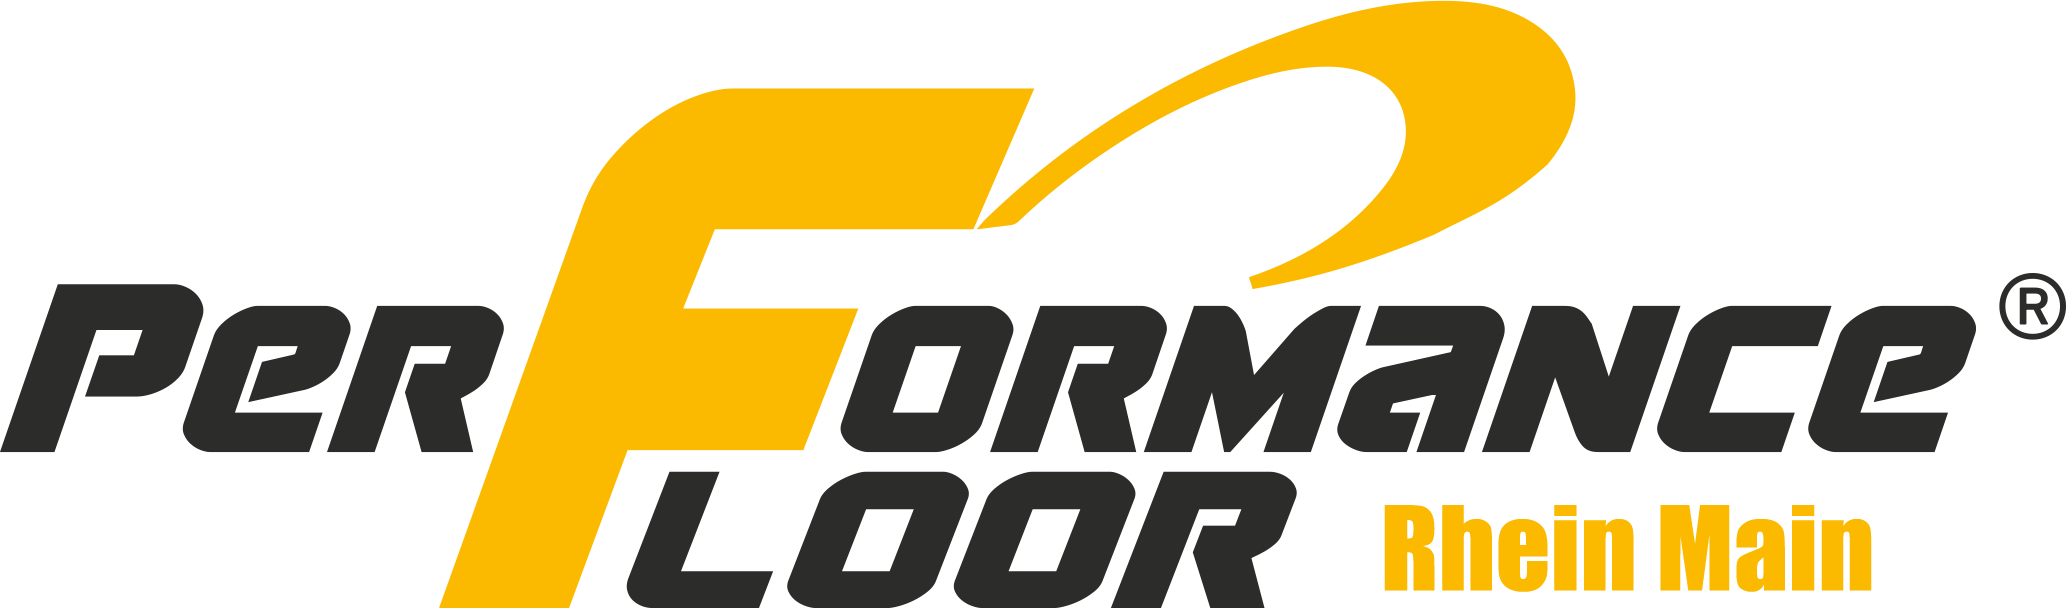 2019_Performance-Floor_Logo_auf_weiss Rhein Main